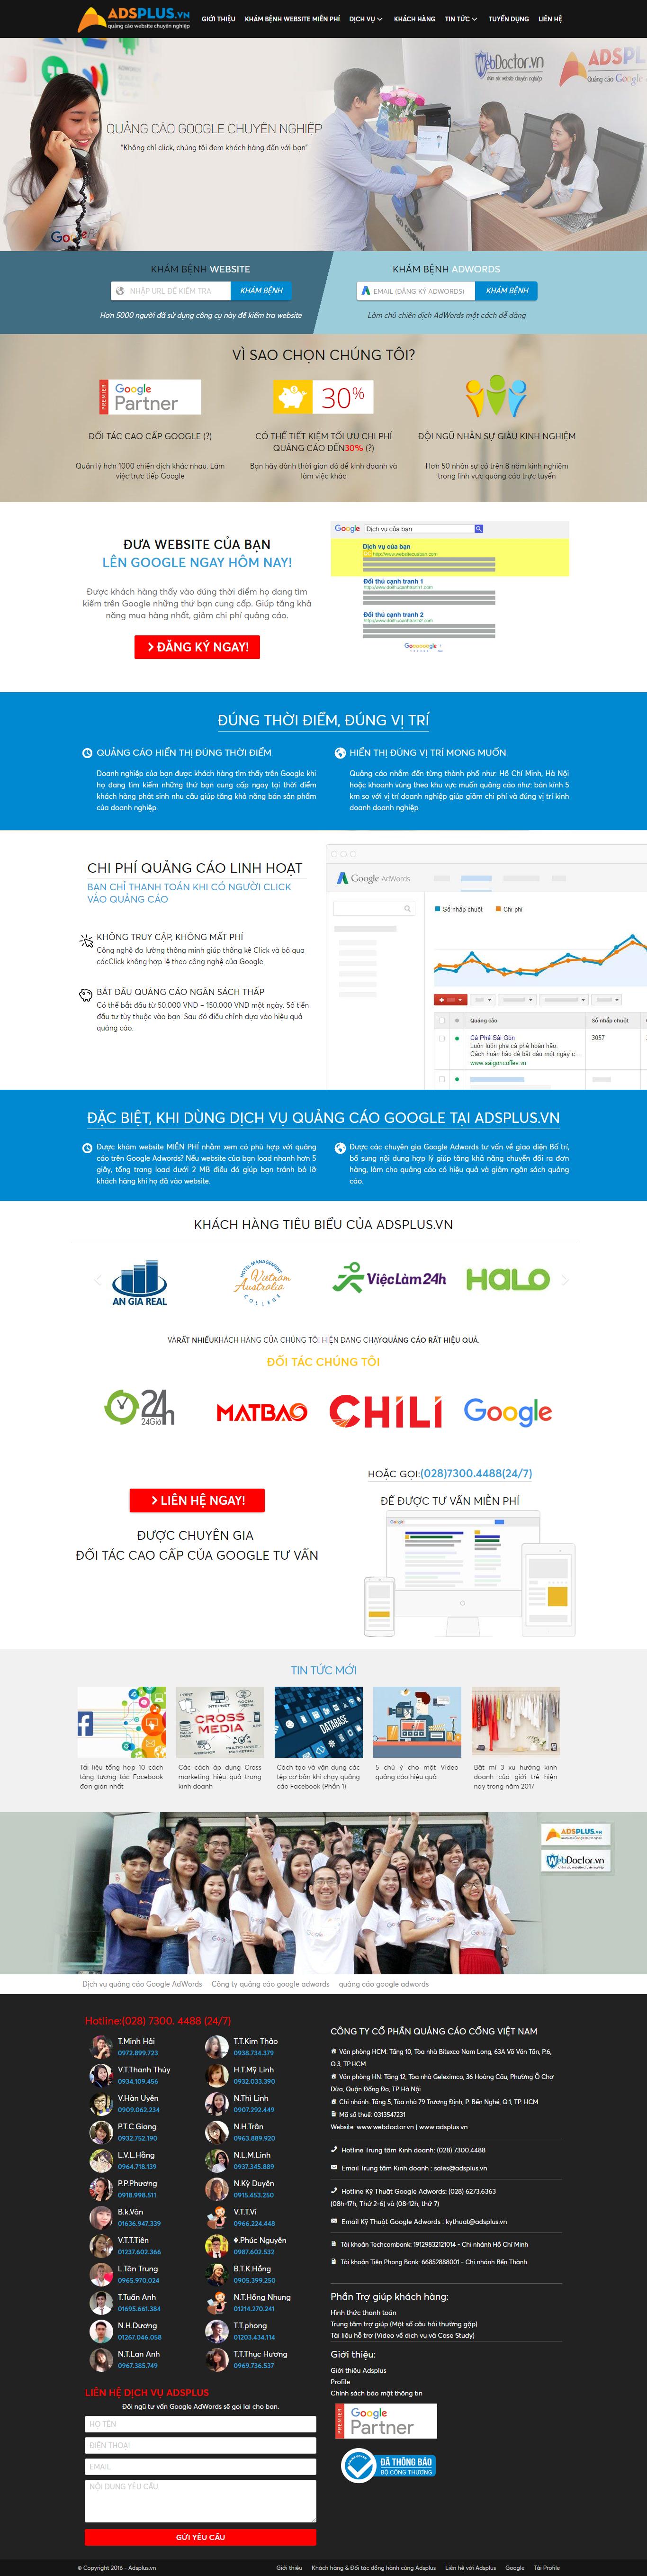 Thiết kế website quảng cáo google adwords chuyên nghiệp của Adsplus